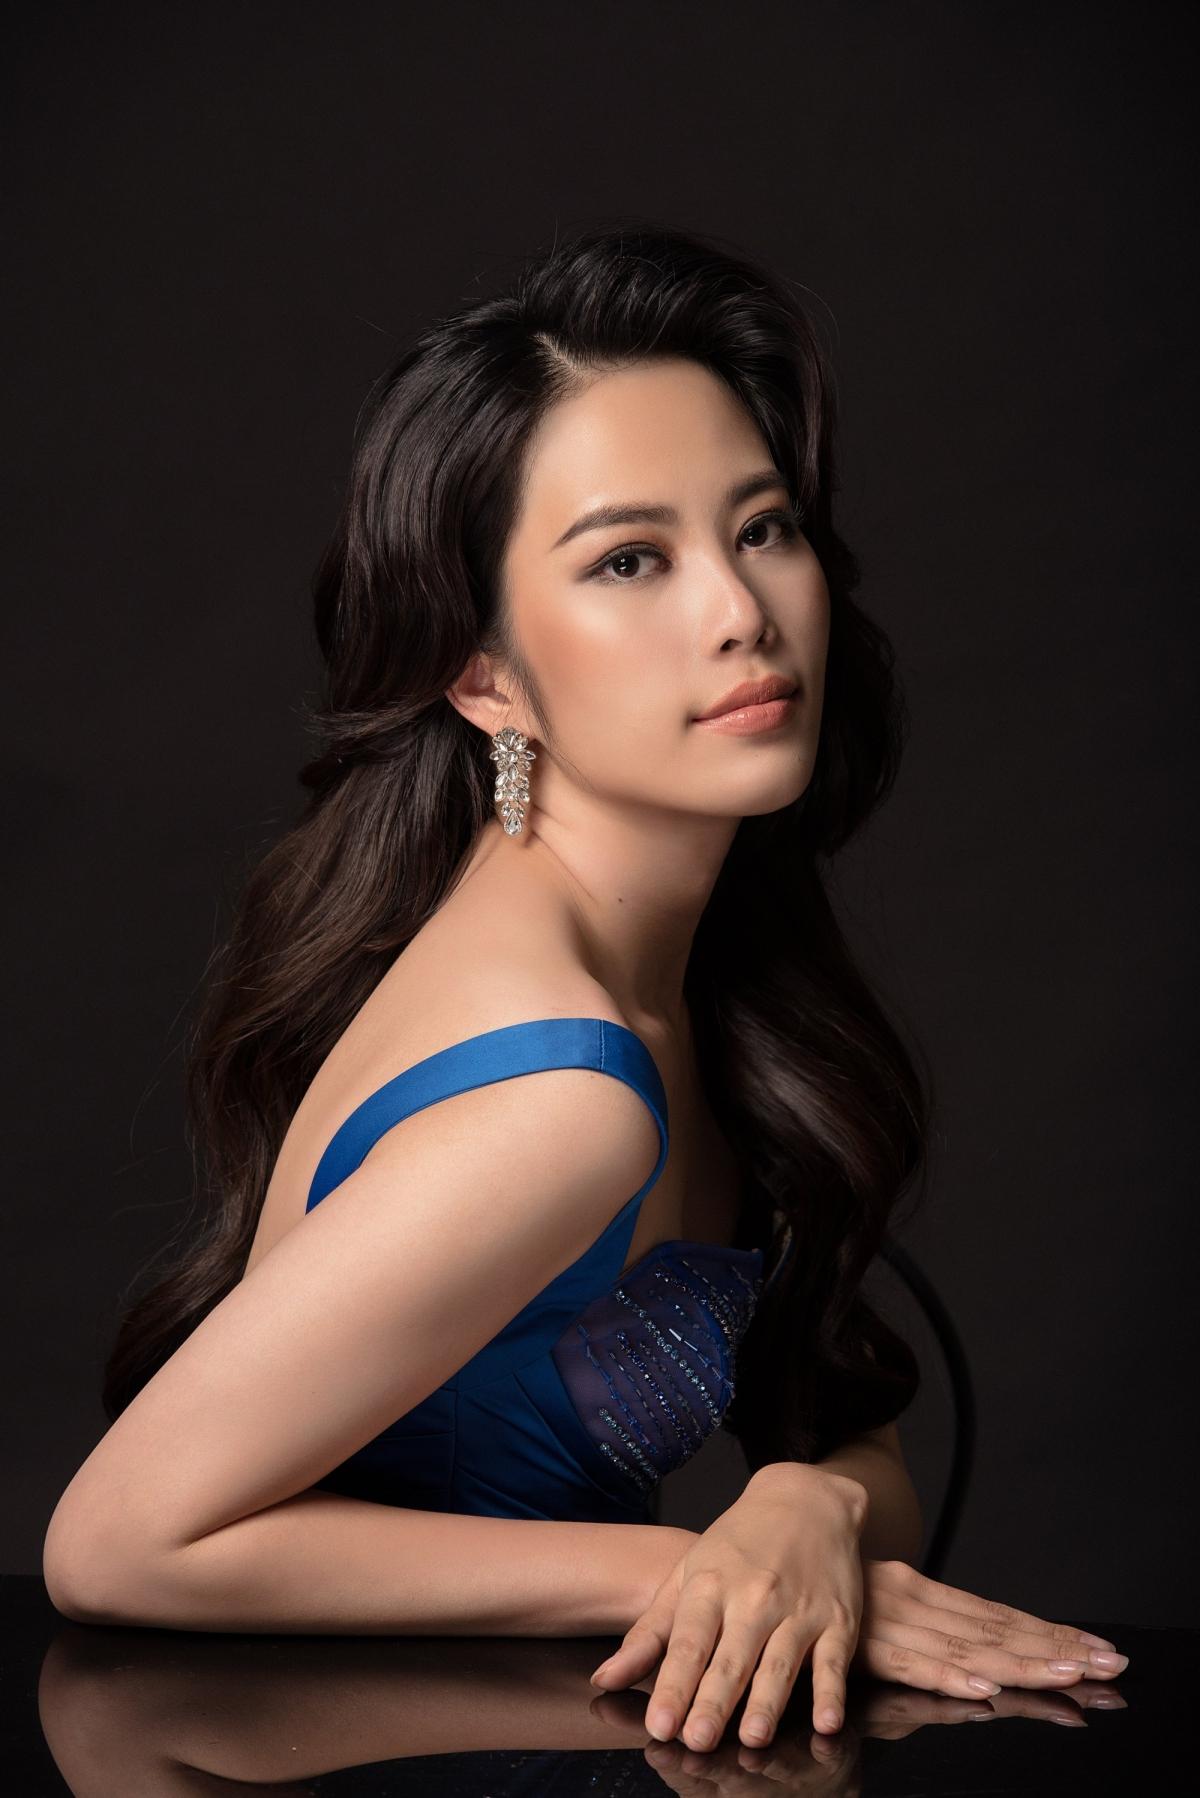 Miss Earth Vietnam 2016 đã dành suốt gần một năm qua để chữa bệnh, với cô đây là khoảng thời gian khó khăn nhất trong cuộc đời của mình.